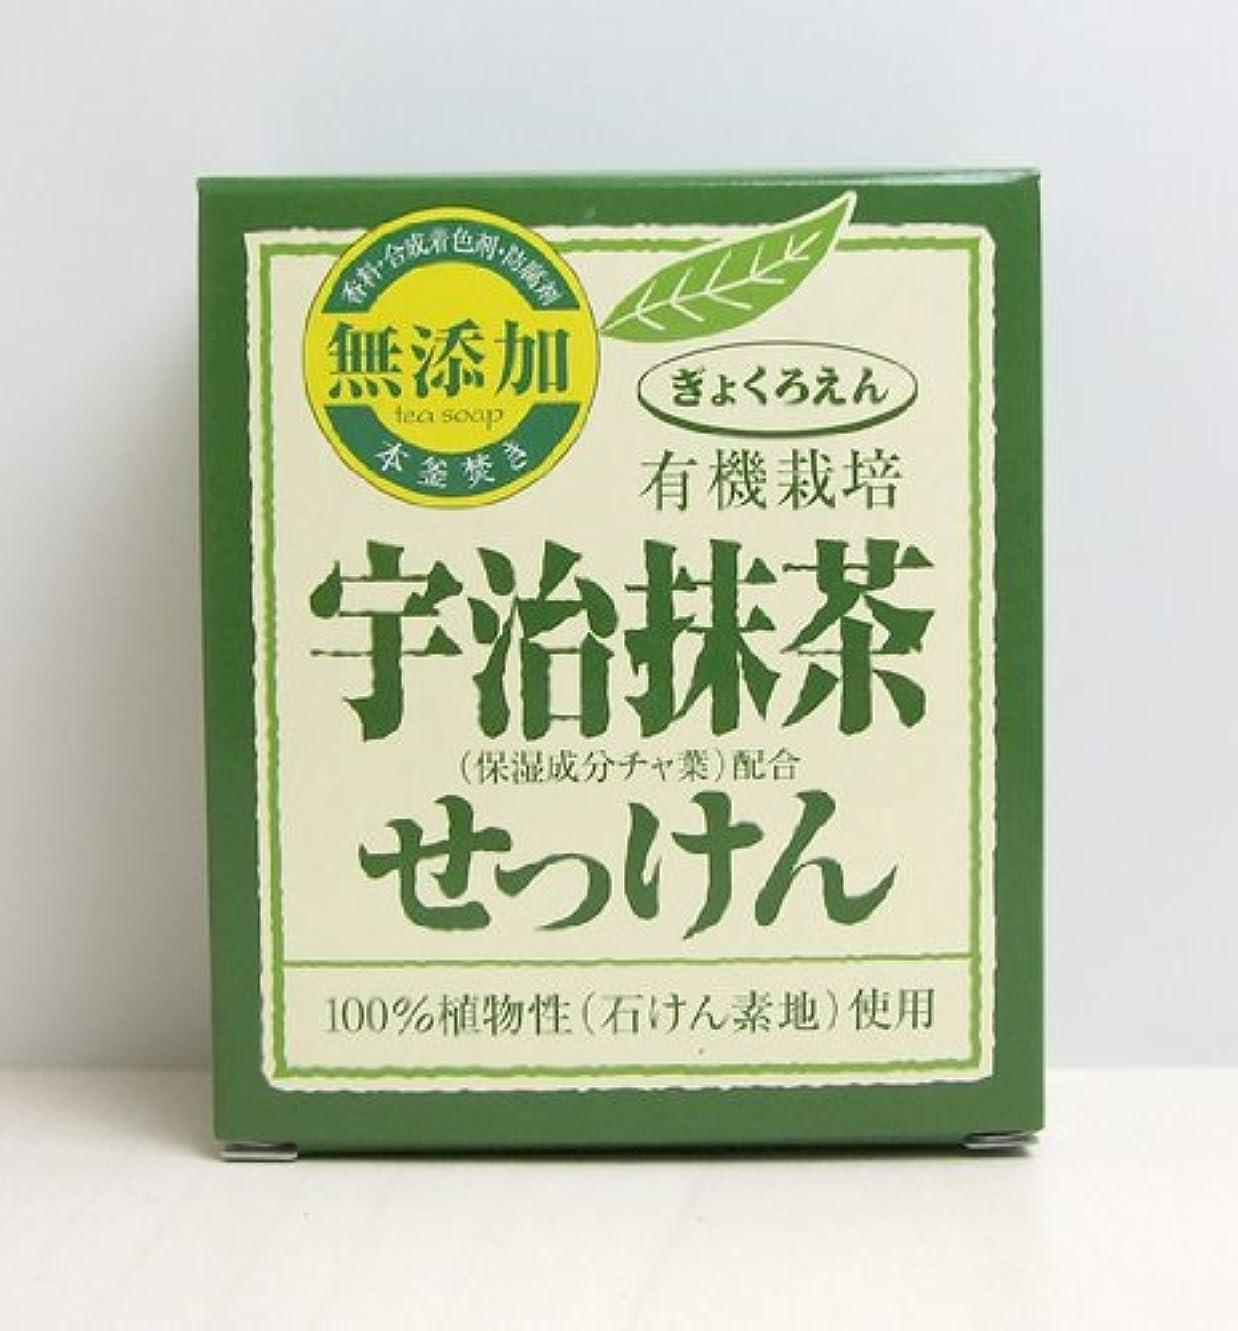 ライオネルグリーンストリートロケーション従順お茶のせっけん:有機栽培宇治抹茶せっけん